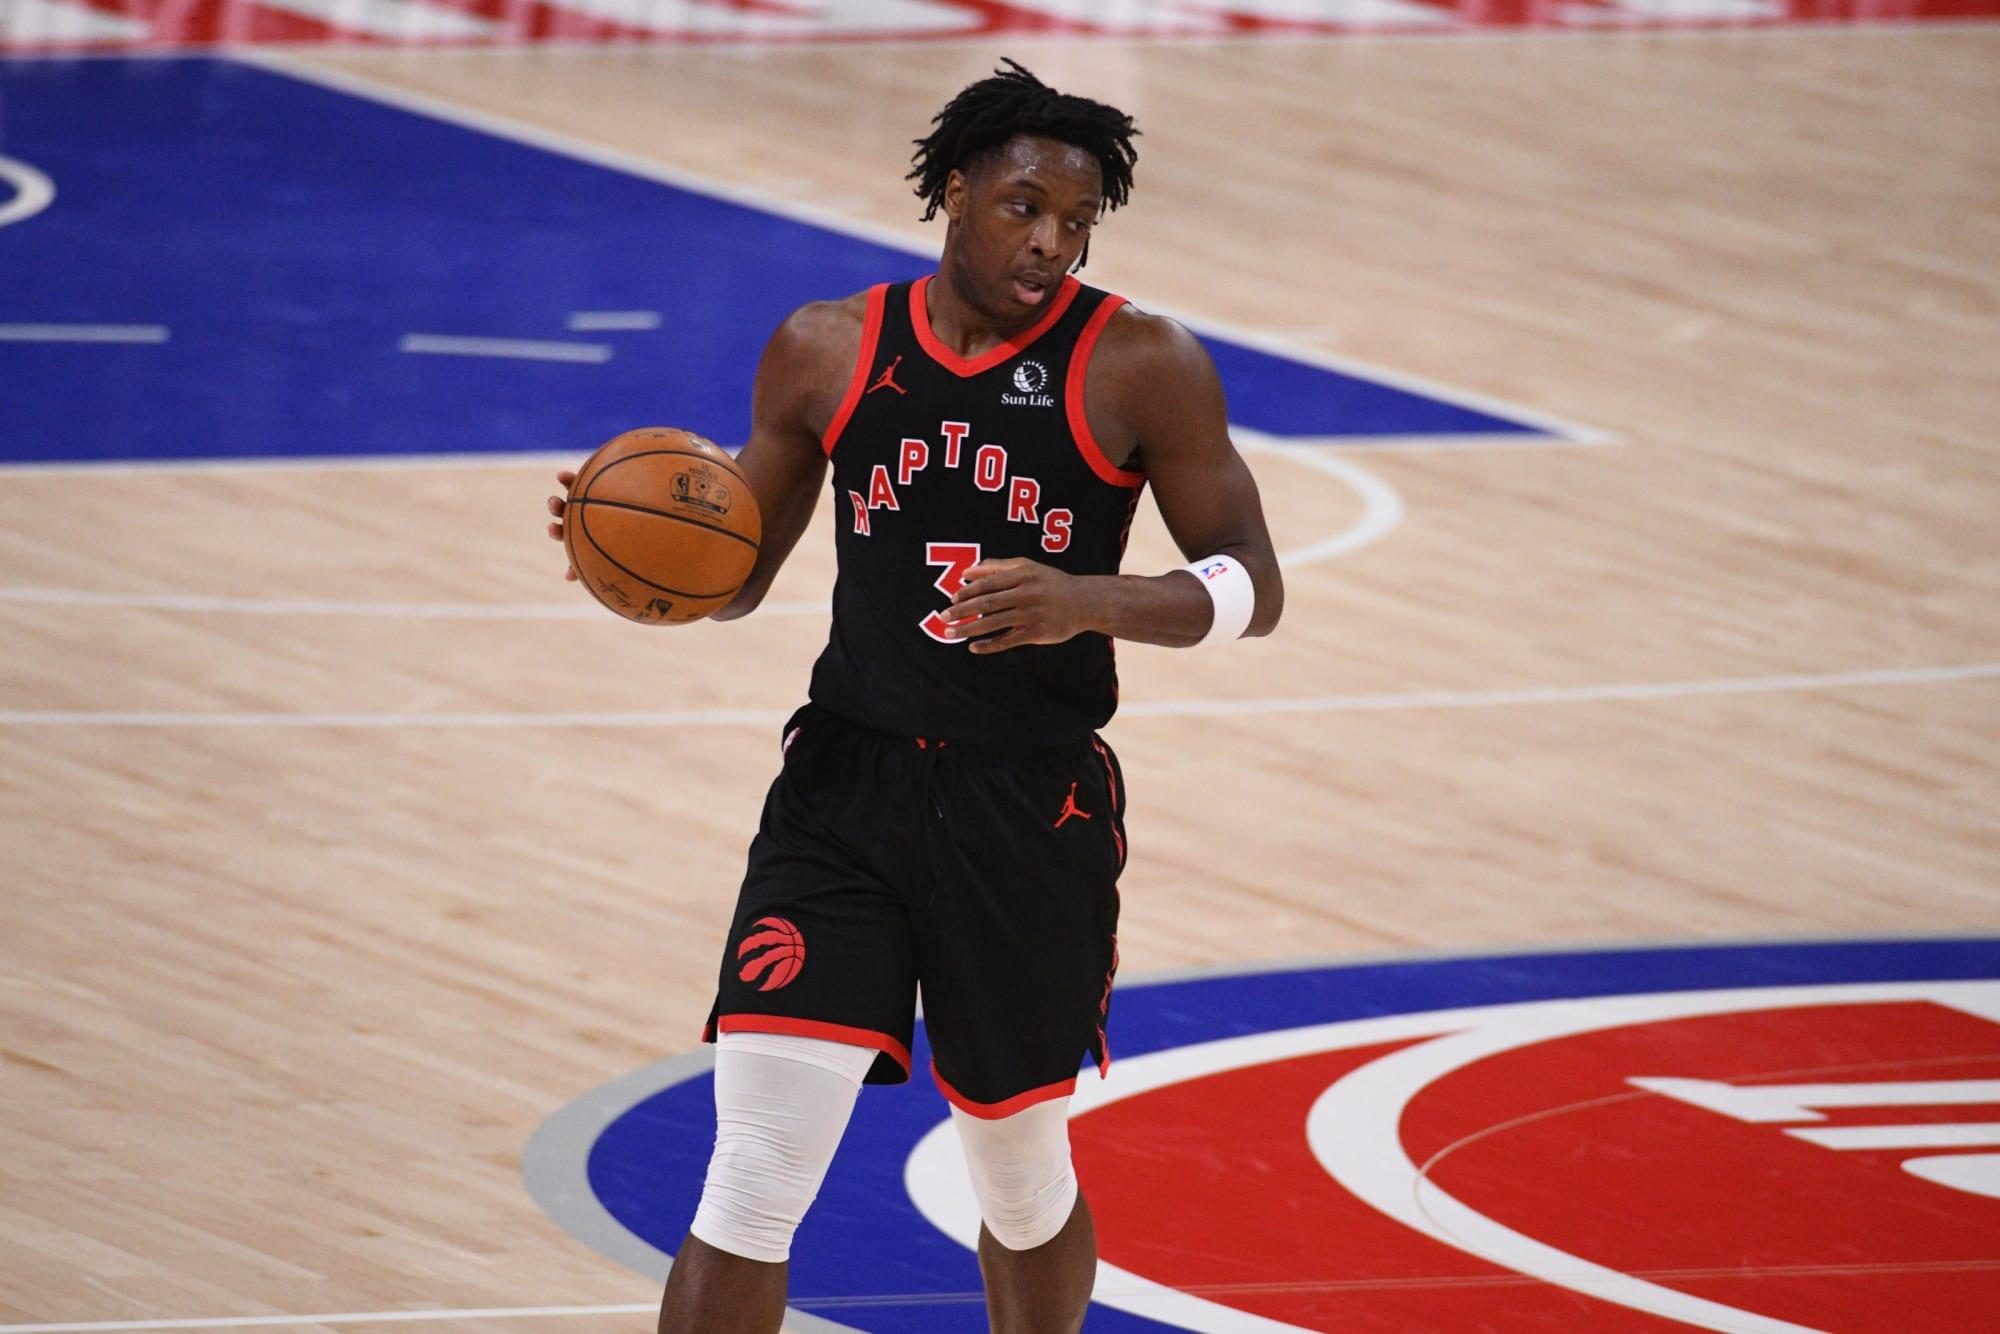 Toronto Raptors: 2K22 ratings revealed, OG Anunoby disrespected